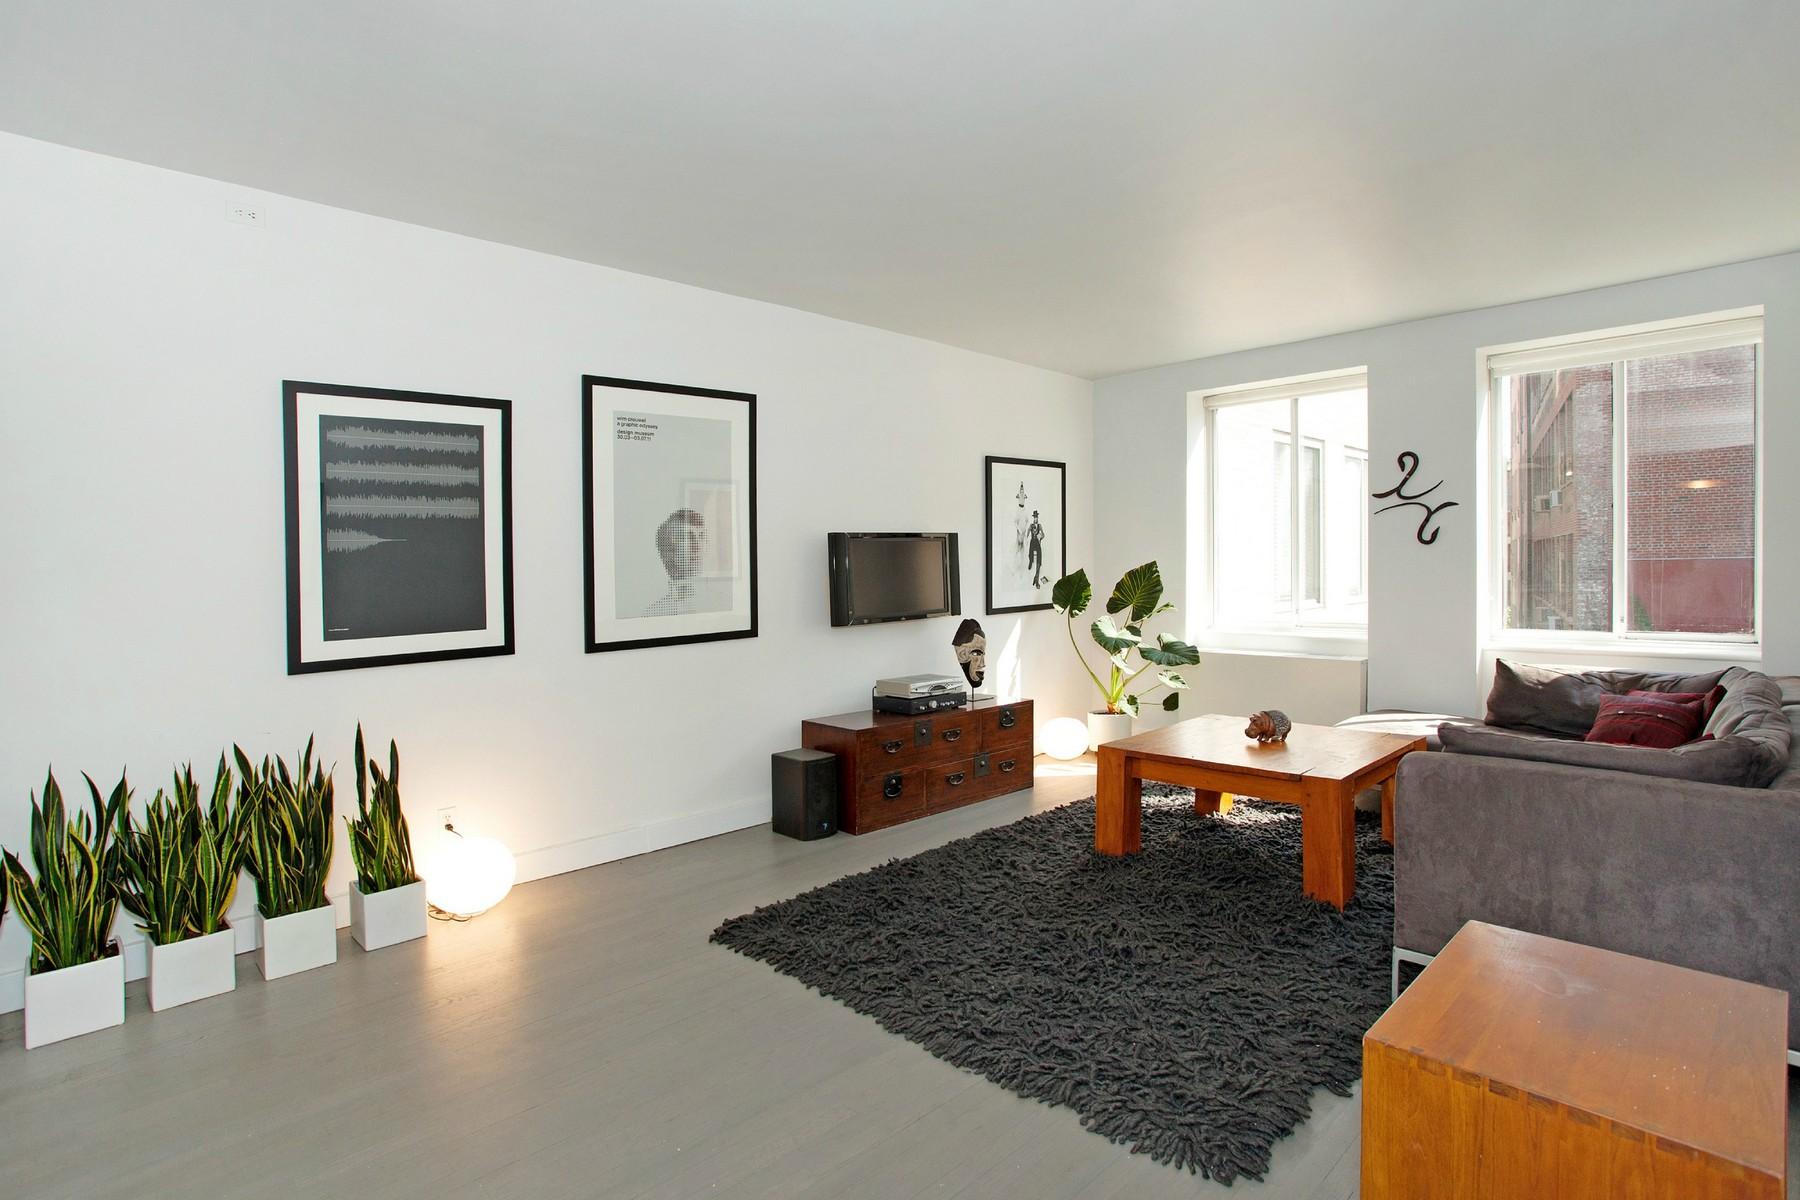 Apartamento para Venda às Co-Op 167 Perry St 6 6L New York, Nova York 10014 Estados Unidos